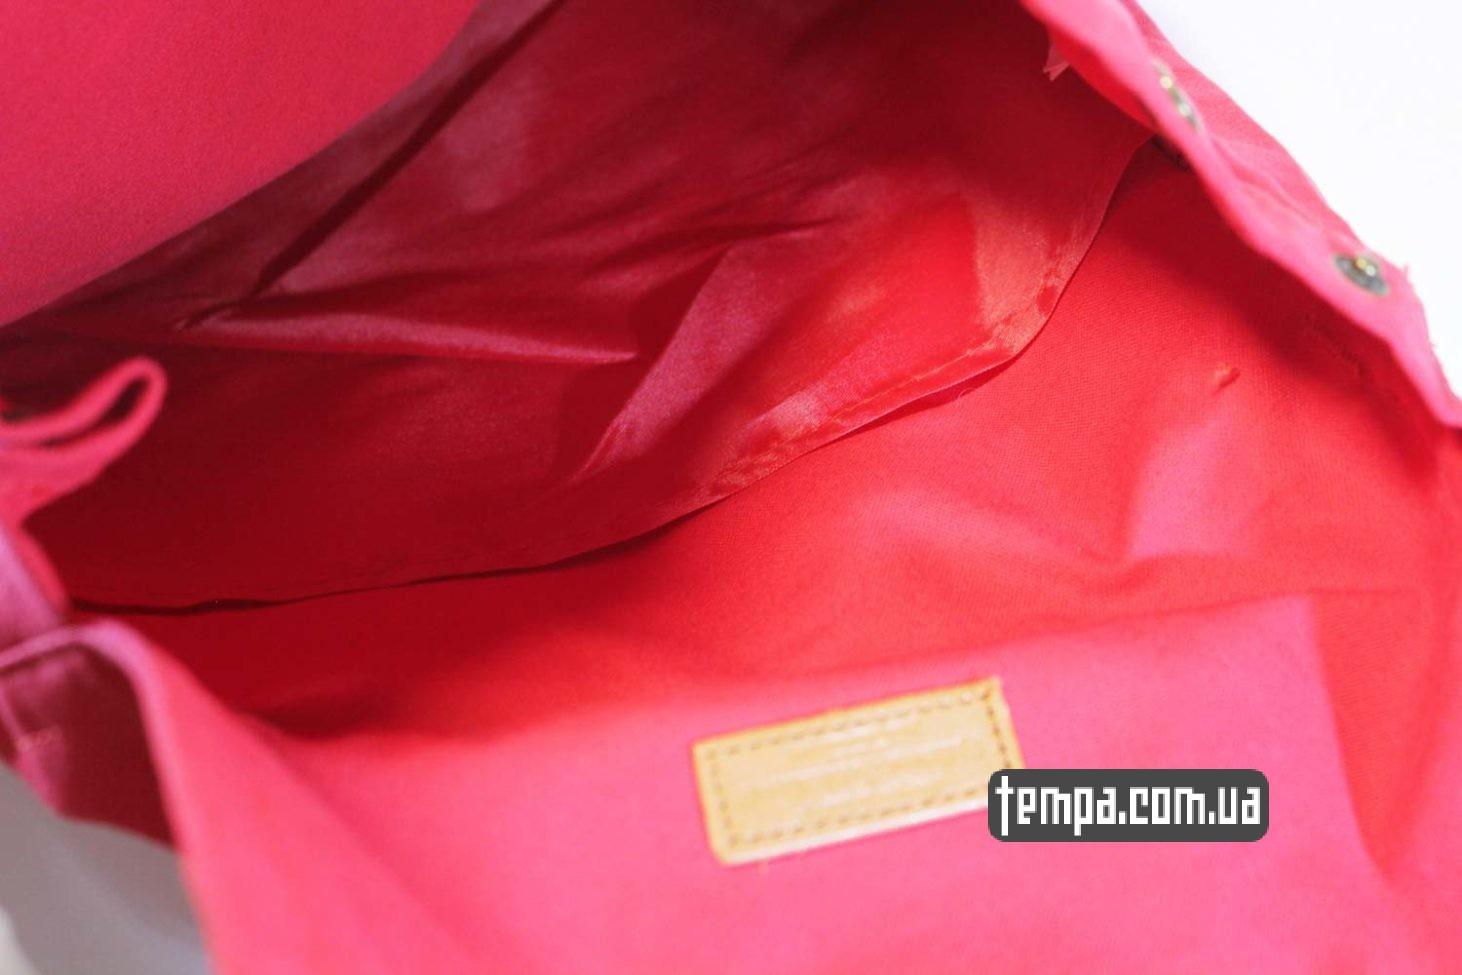 Киев Одесса магазин купить рюкзак сумка Fjällräven Foldsack No.1 Ox красная